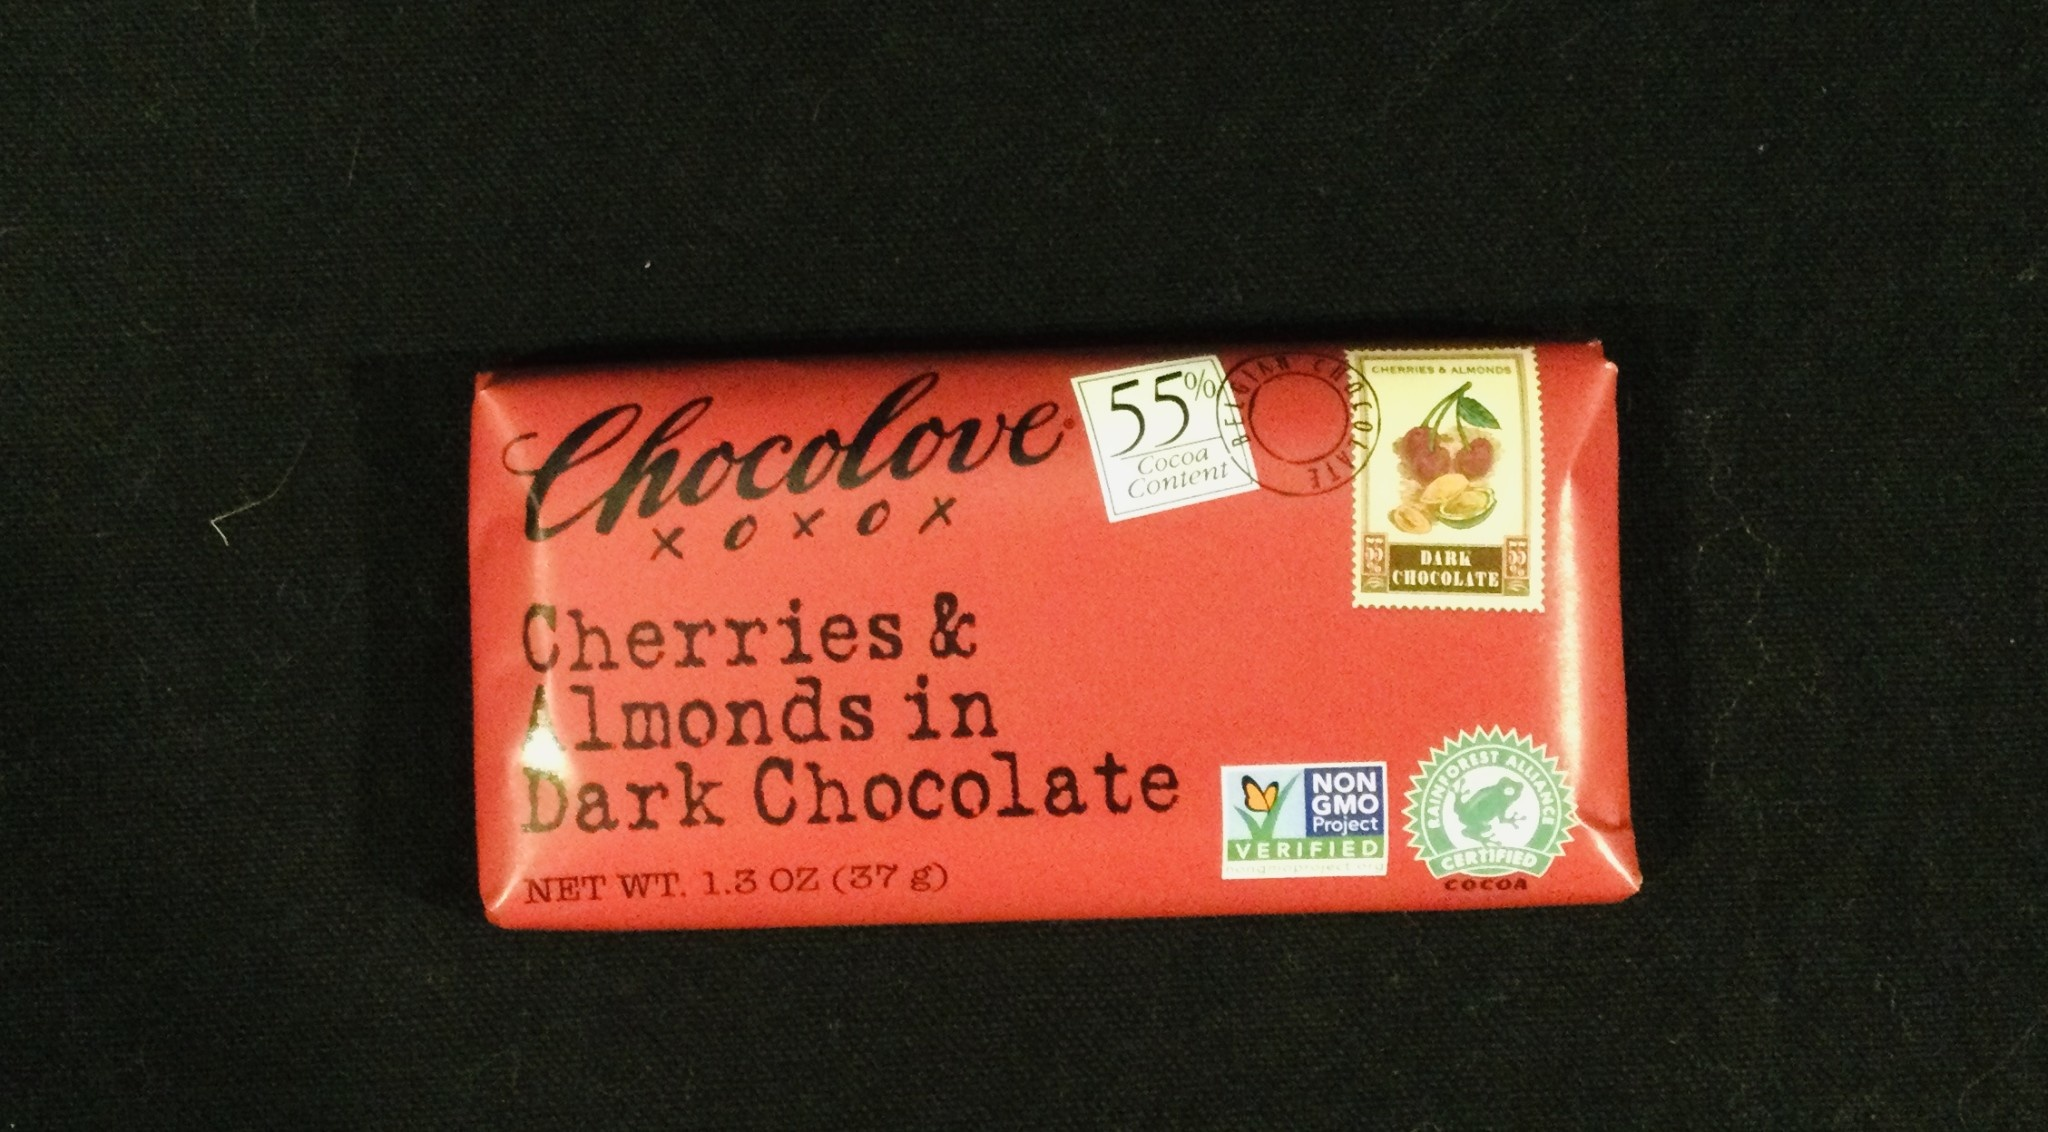 Chocolove Cherry Almond Dark Mini Bars